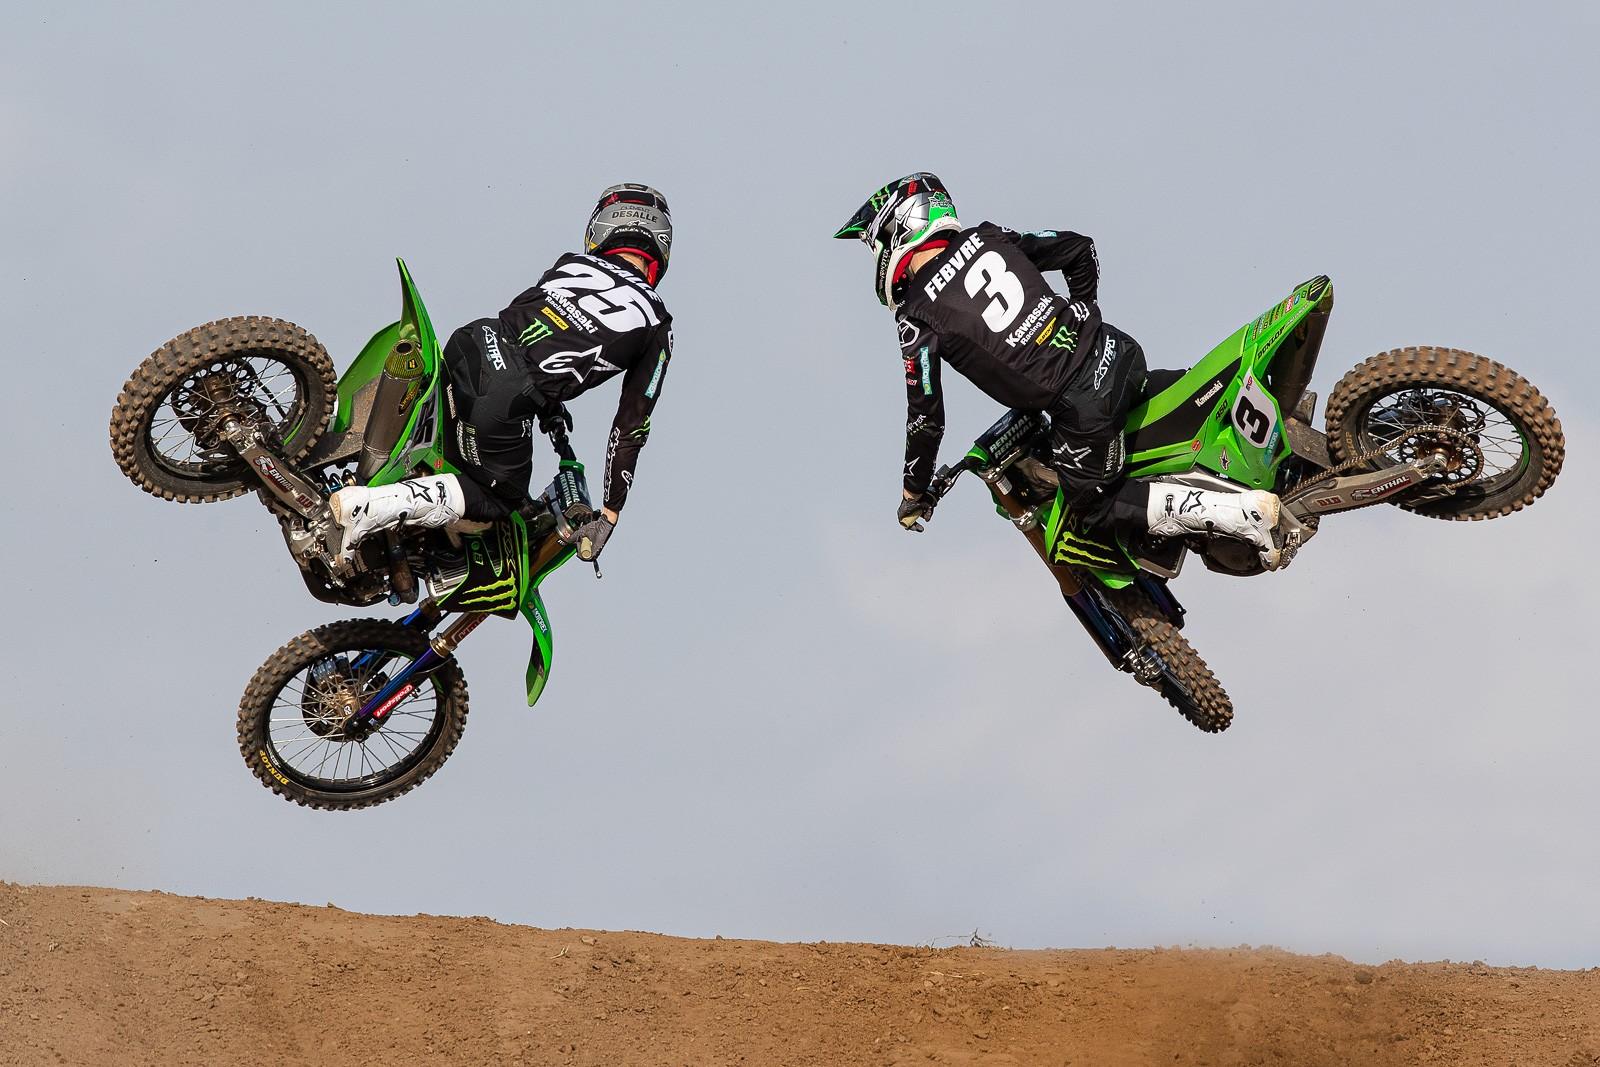 Romain Febvre and Clement Desalle - 2020 Monster Energy KRT Team Preview - Motocross Pictures - Vital MX